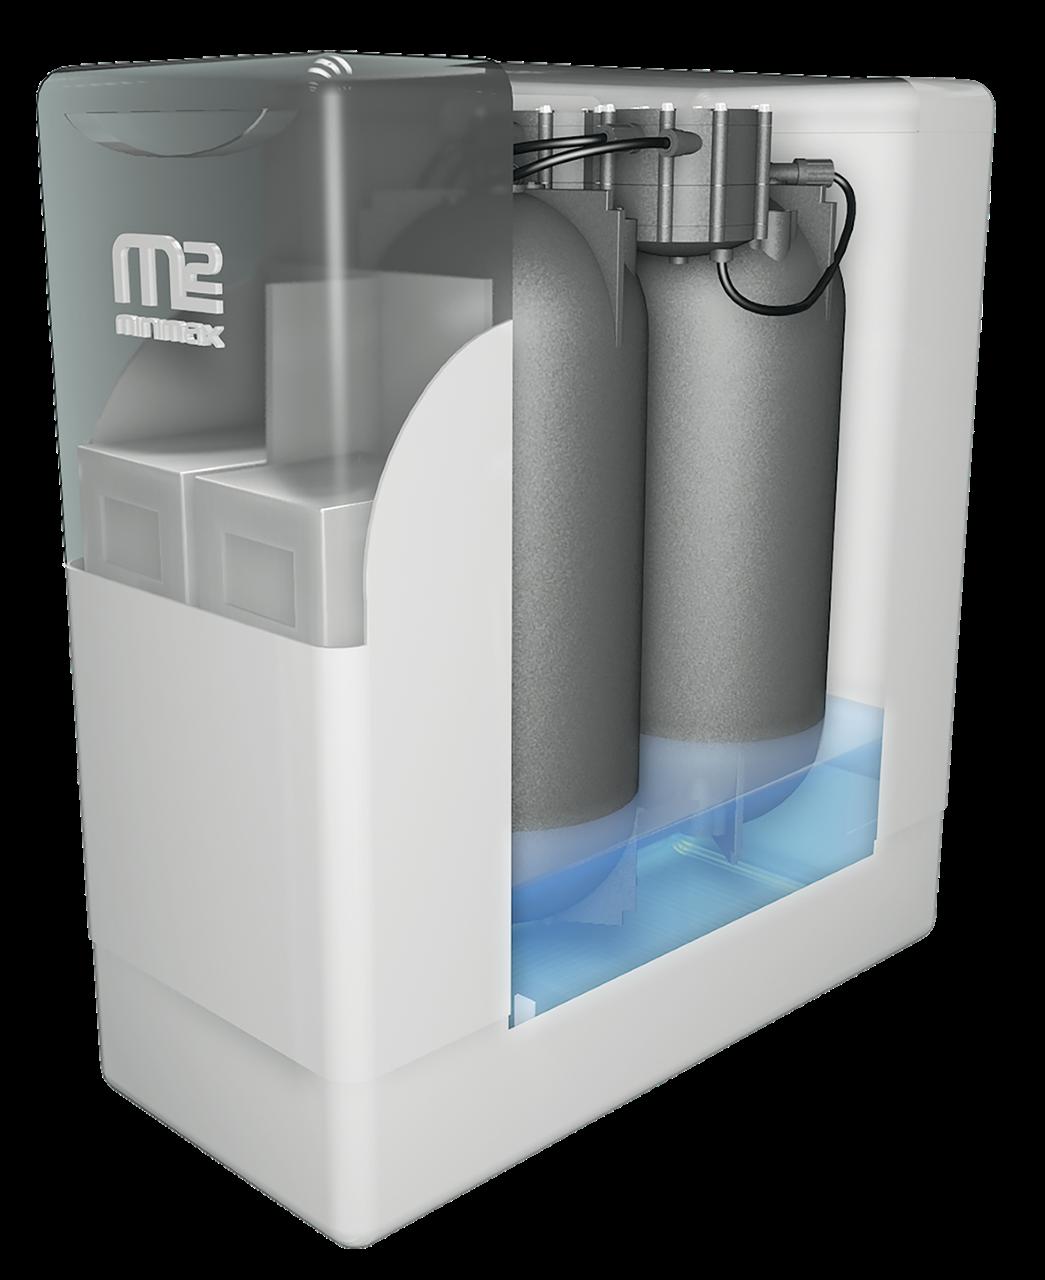 minimax-m2-water-softener